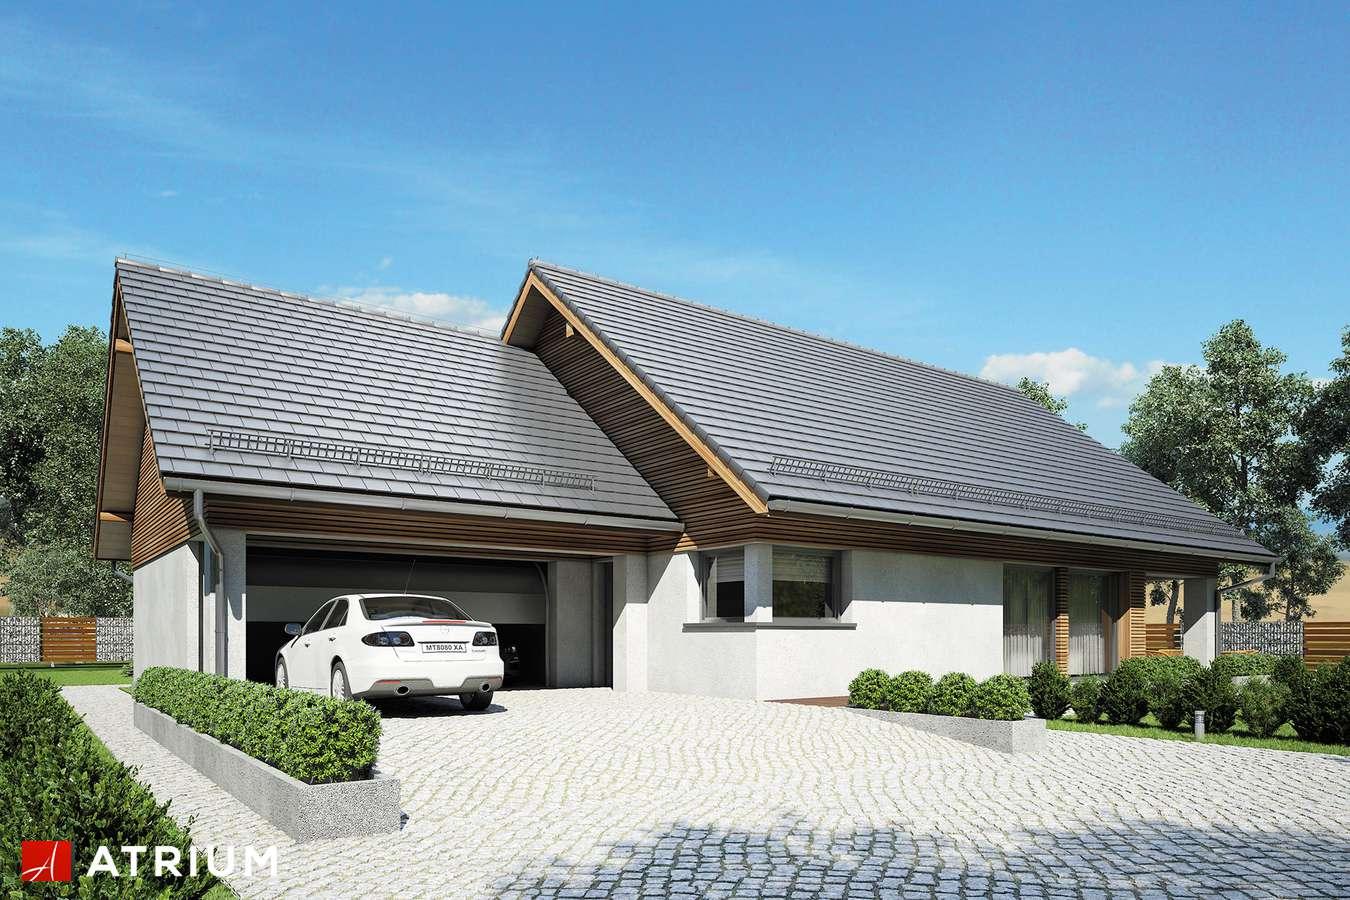 Projekty domów - Projekt domu parterowego MERLIN SP SZ - wizualizacja 1 - wersja lustrzana